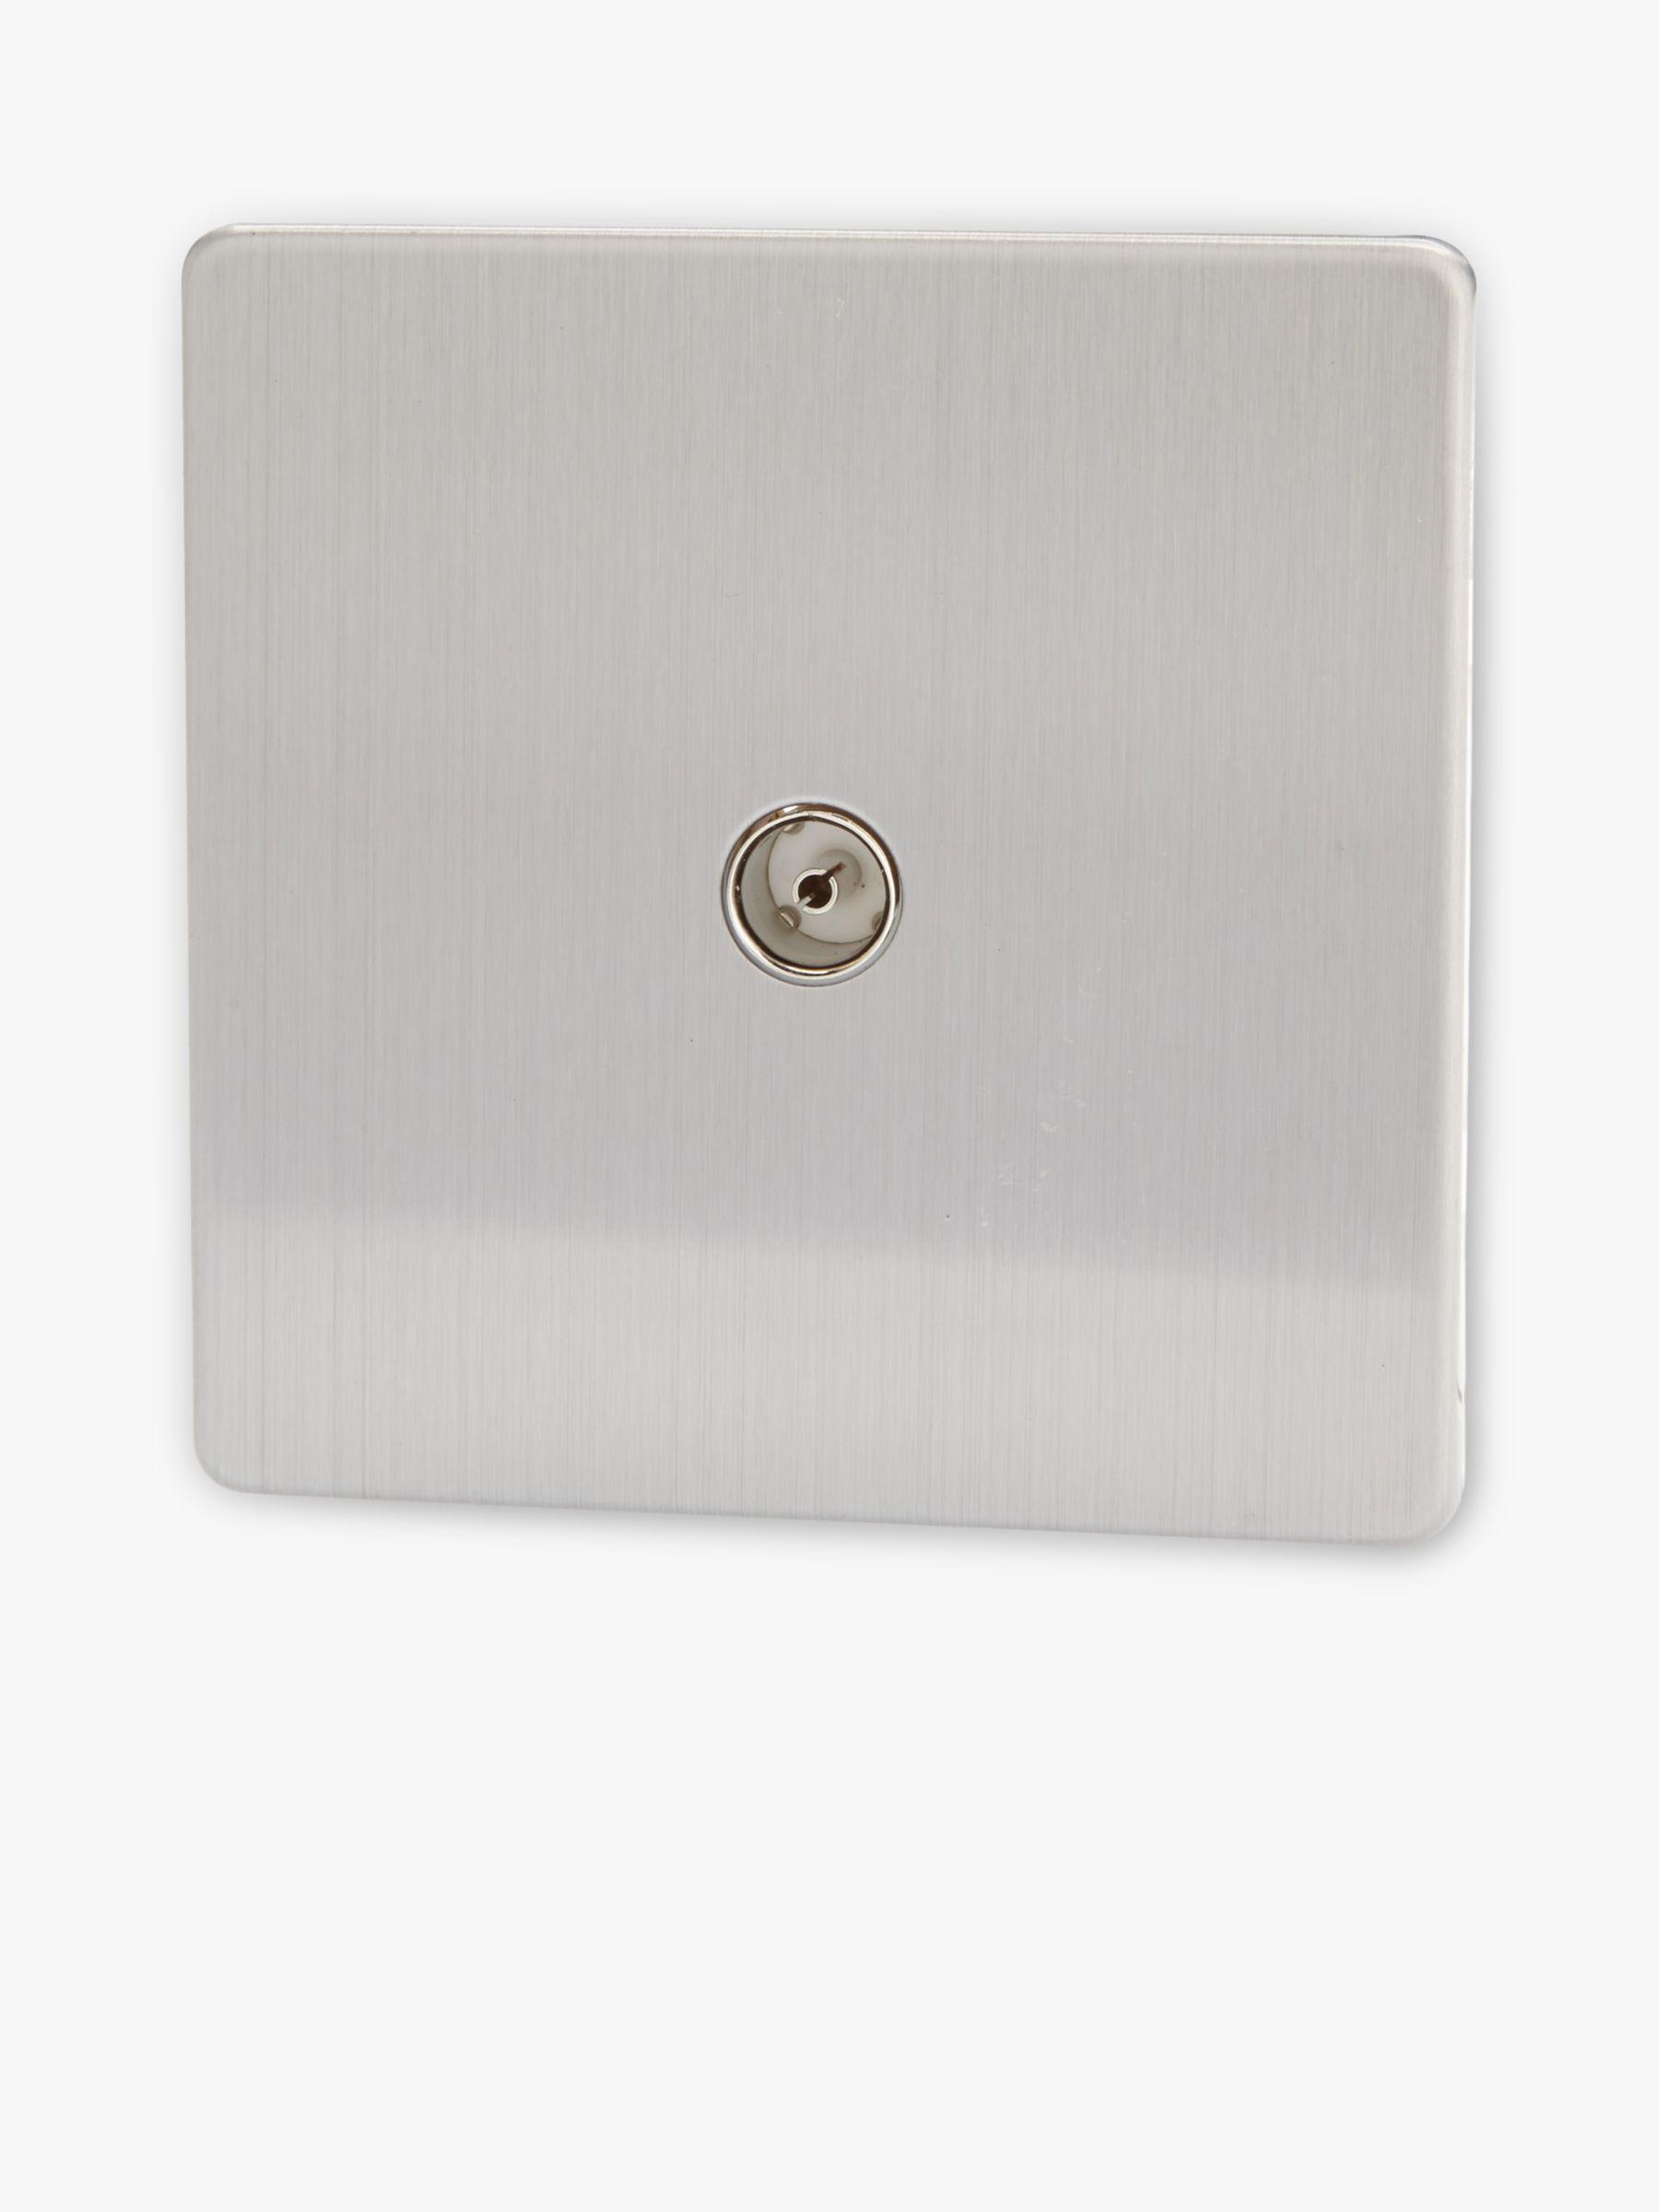 Varilight Varilight 1 Gang Co-axial Socket Switch, Brushed Steel